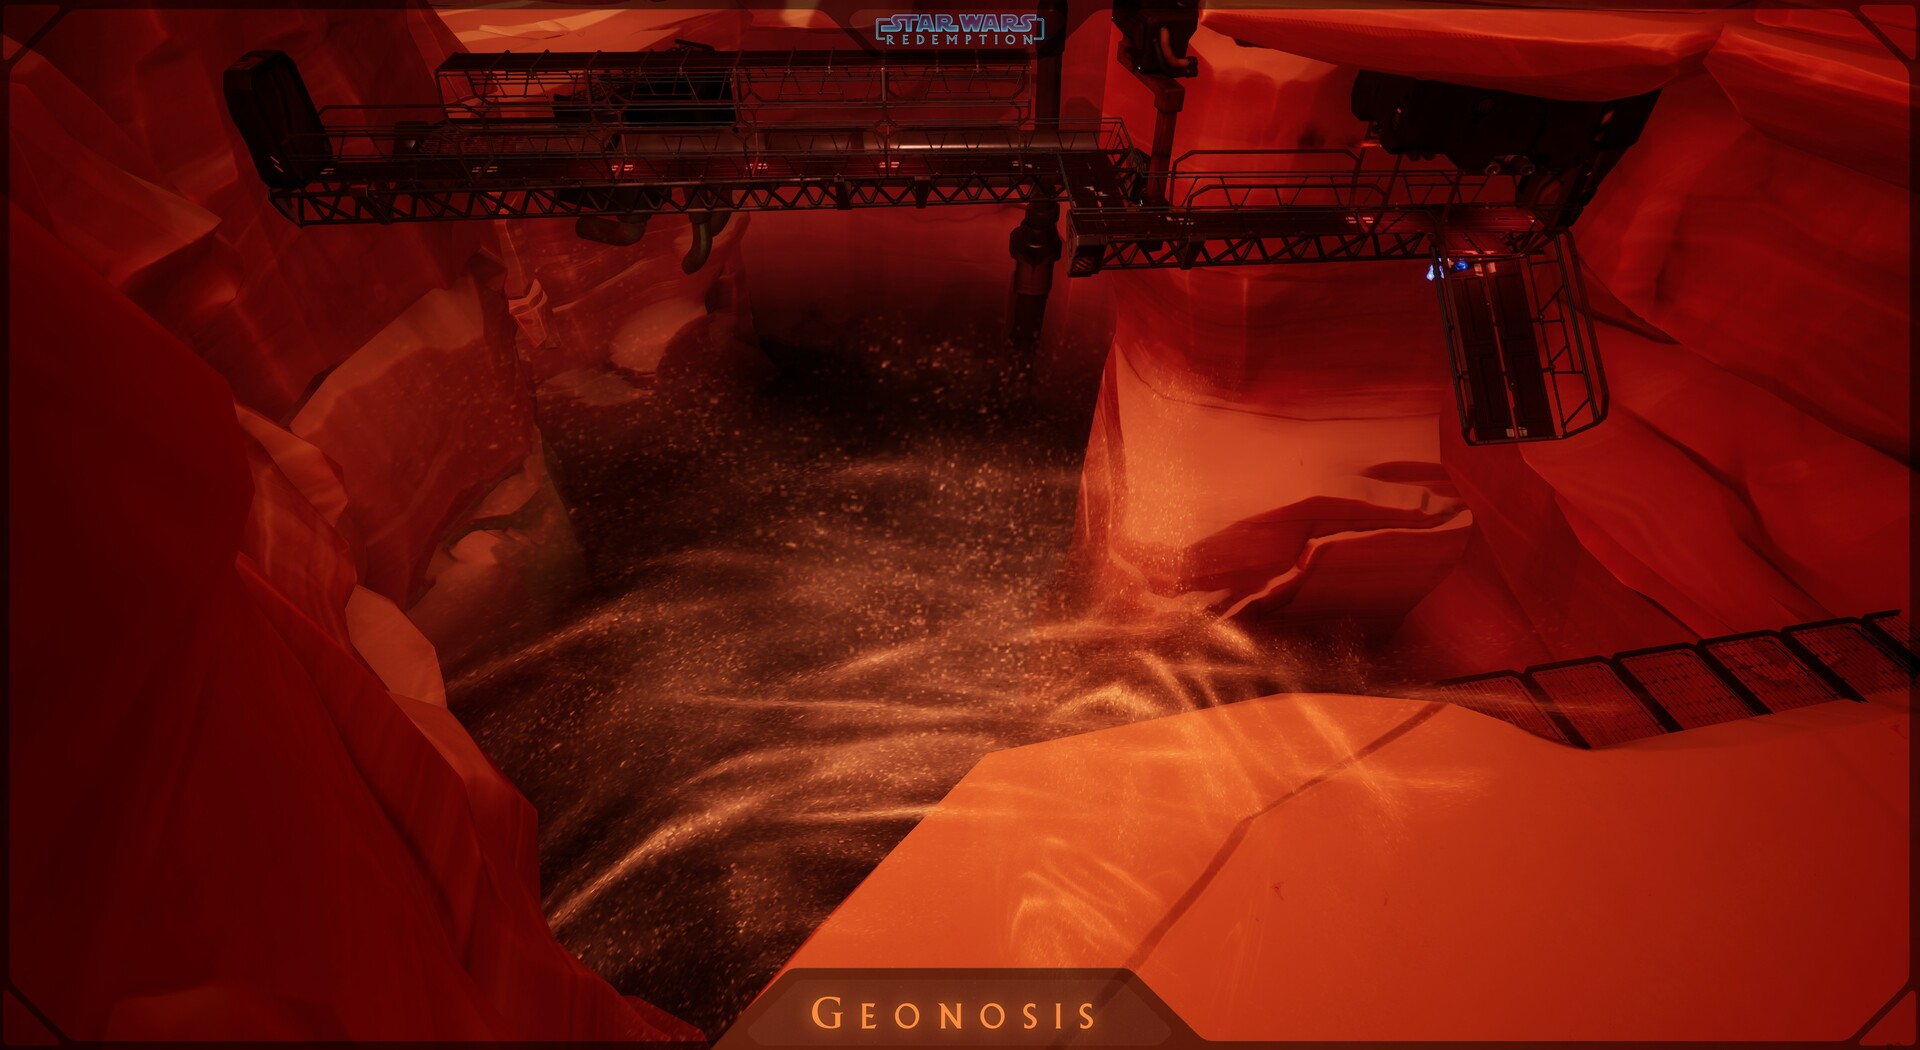 Etienne beschet swr screenshot geonosis 03